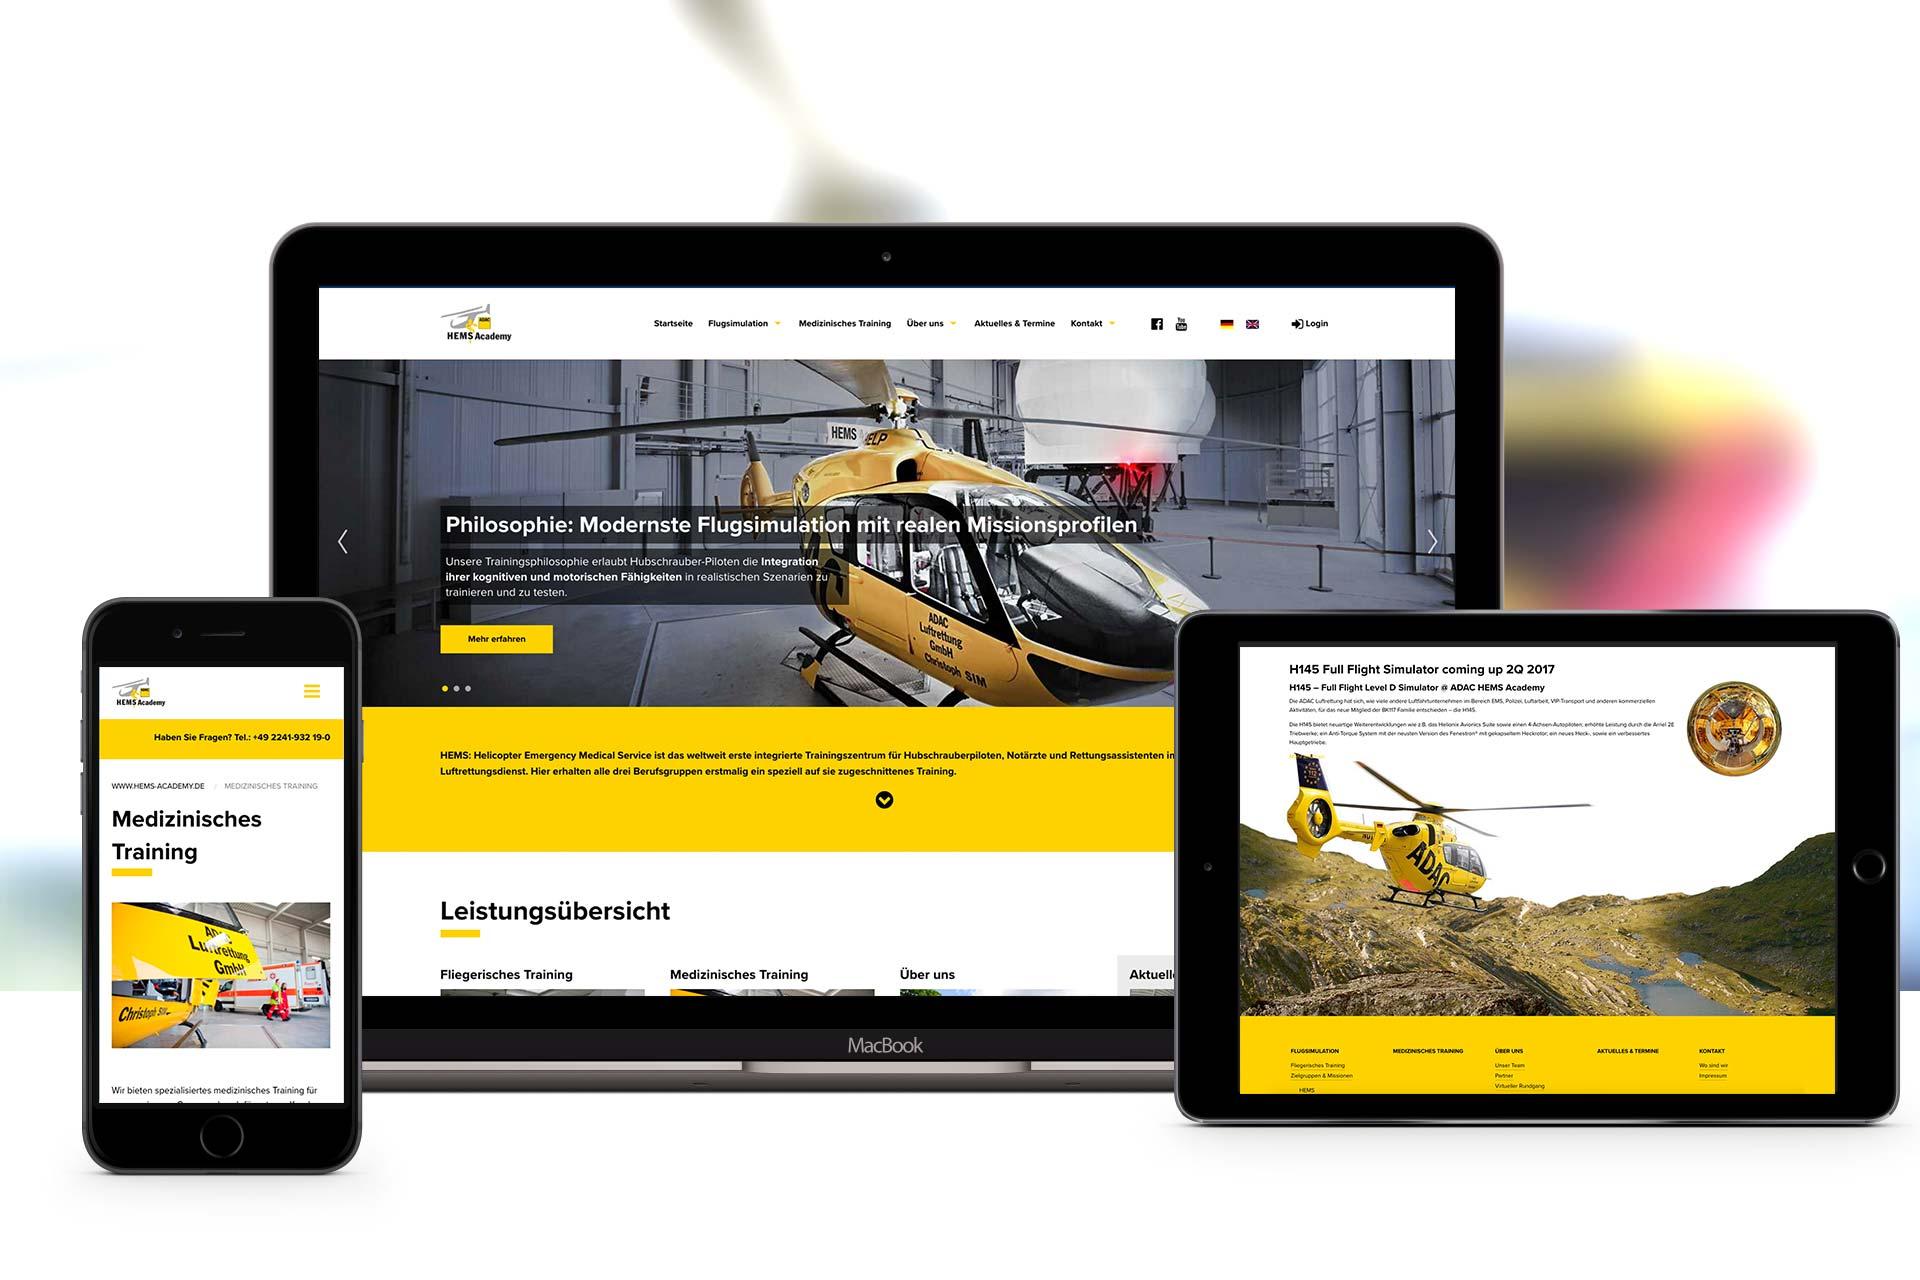 adac-webseite-design